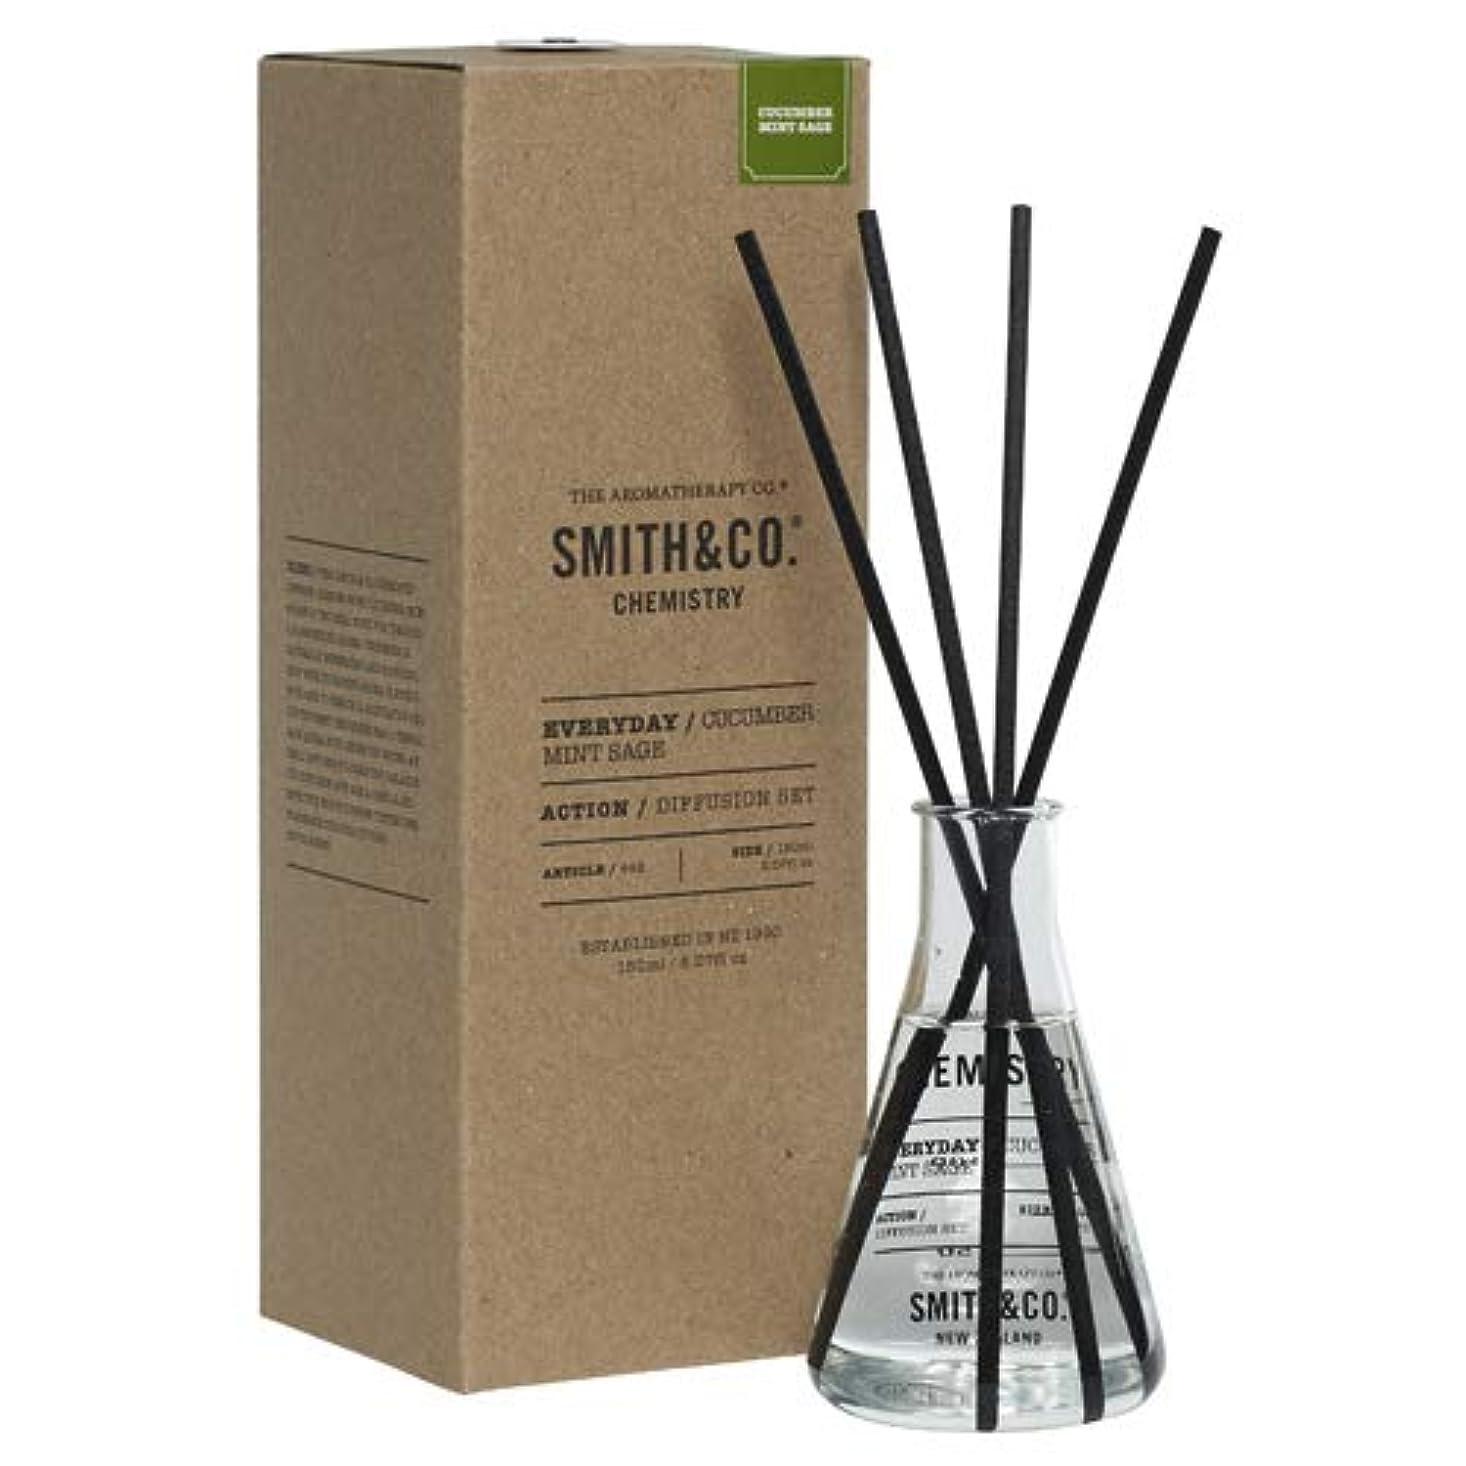 作曲する夕暮れ安全性アロマセラピーカンパニー(Aromatherapy Company) Smith&Co. スミスアンドコー Chemistry Diffuser ケミストリーディフューザー Cucumber Mint Sage キューカンバー ミント セージ